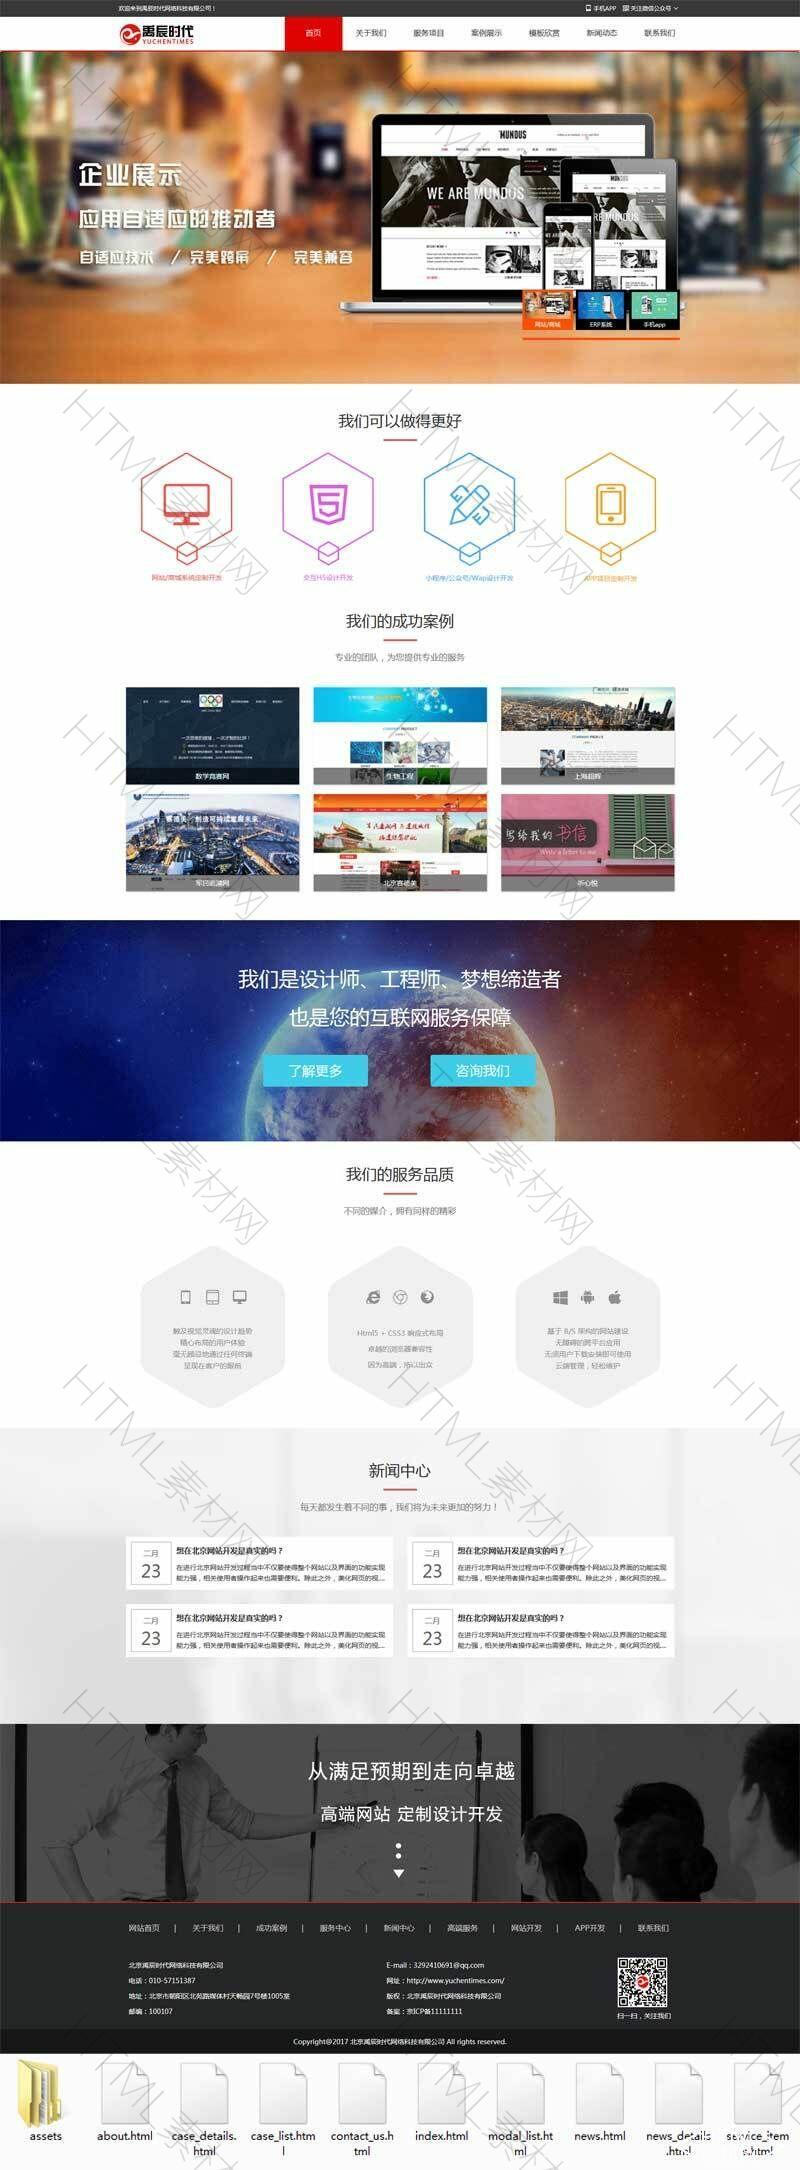 红色大气的网络服务建站公司官网模板.jpg